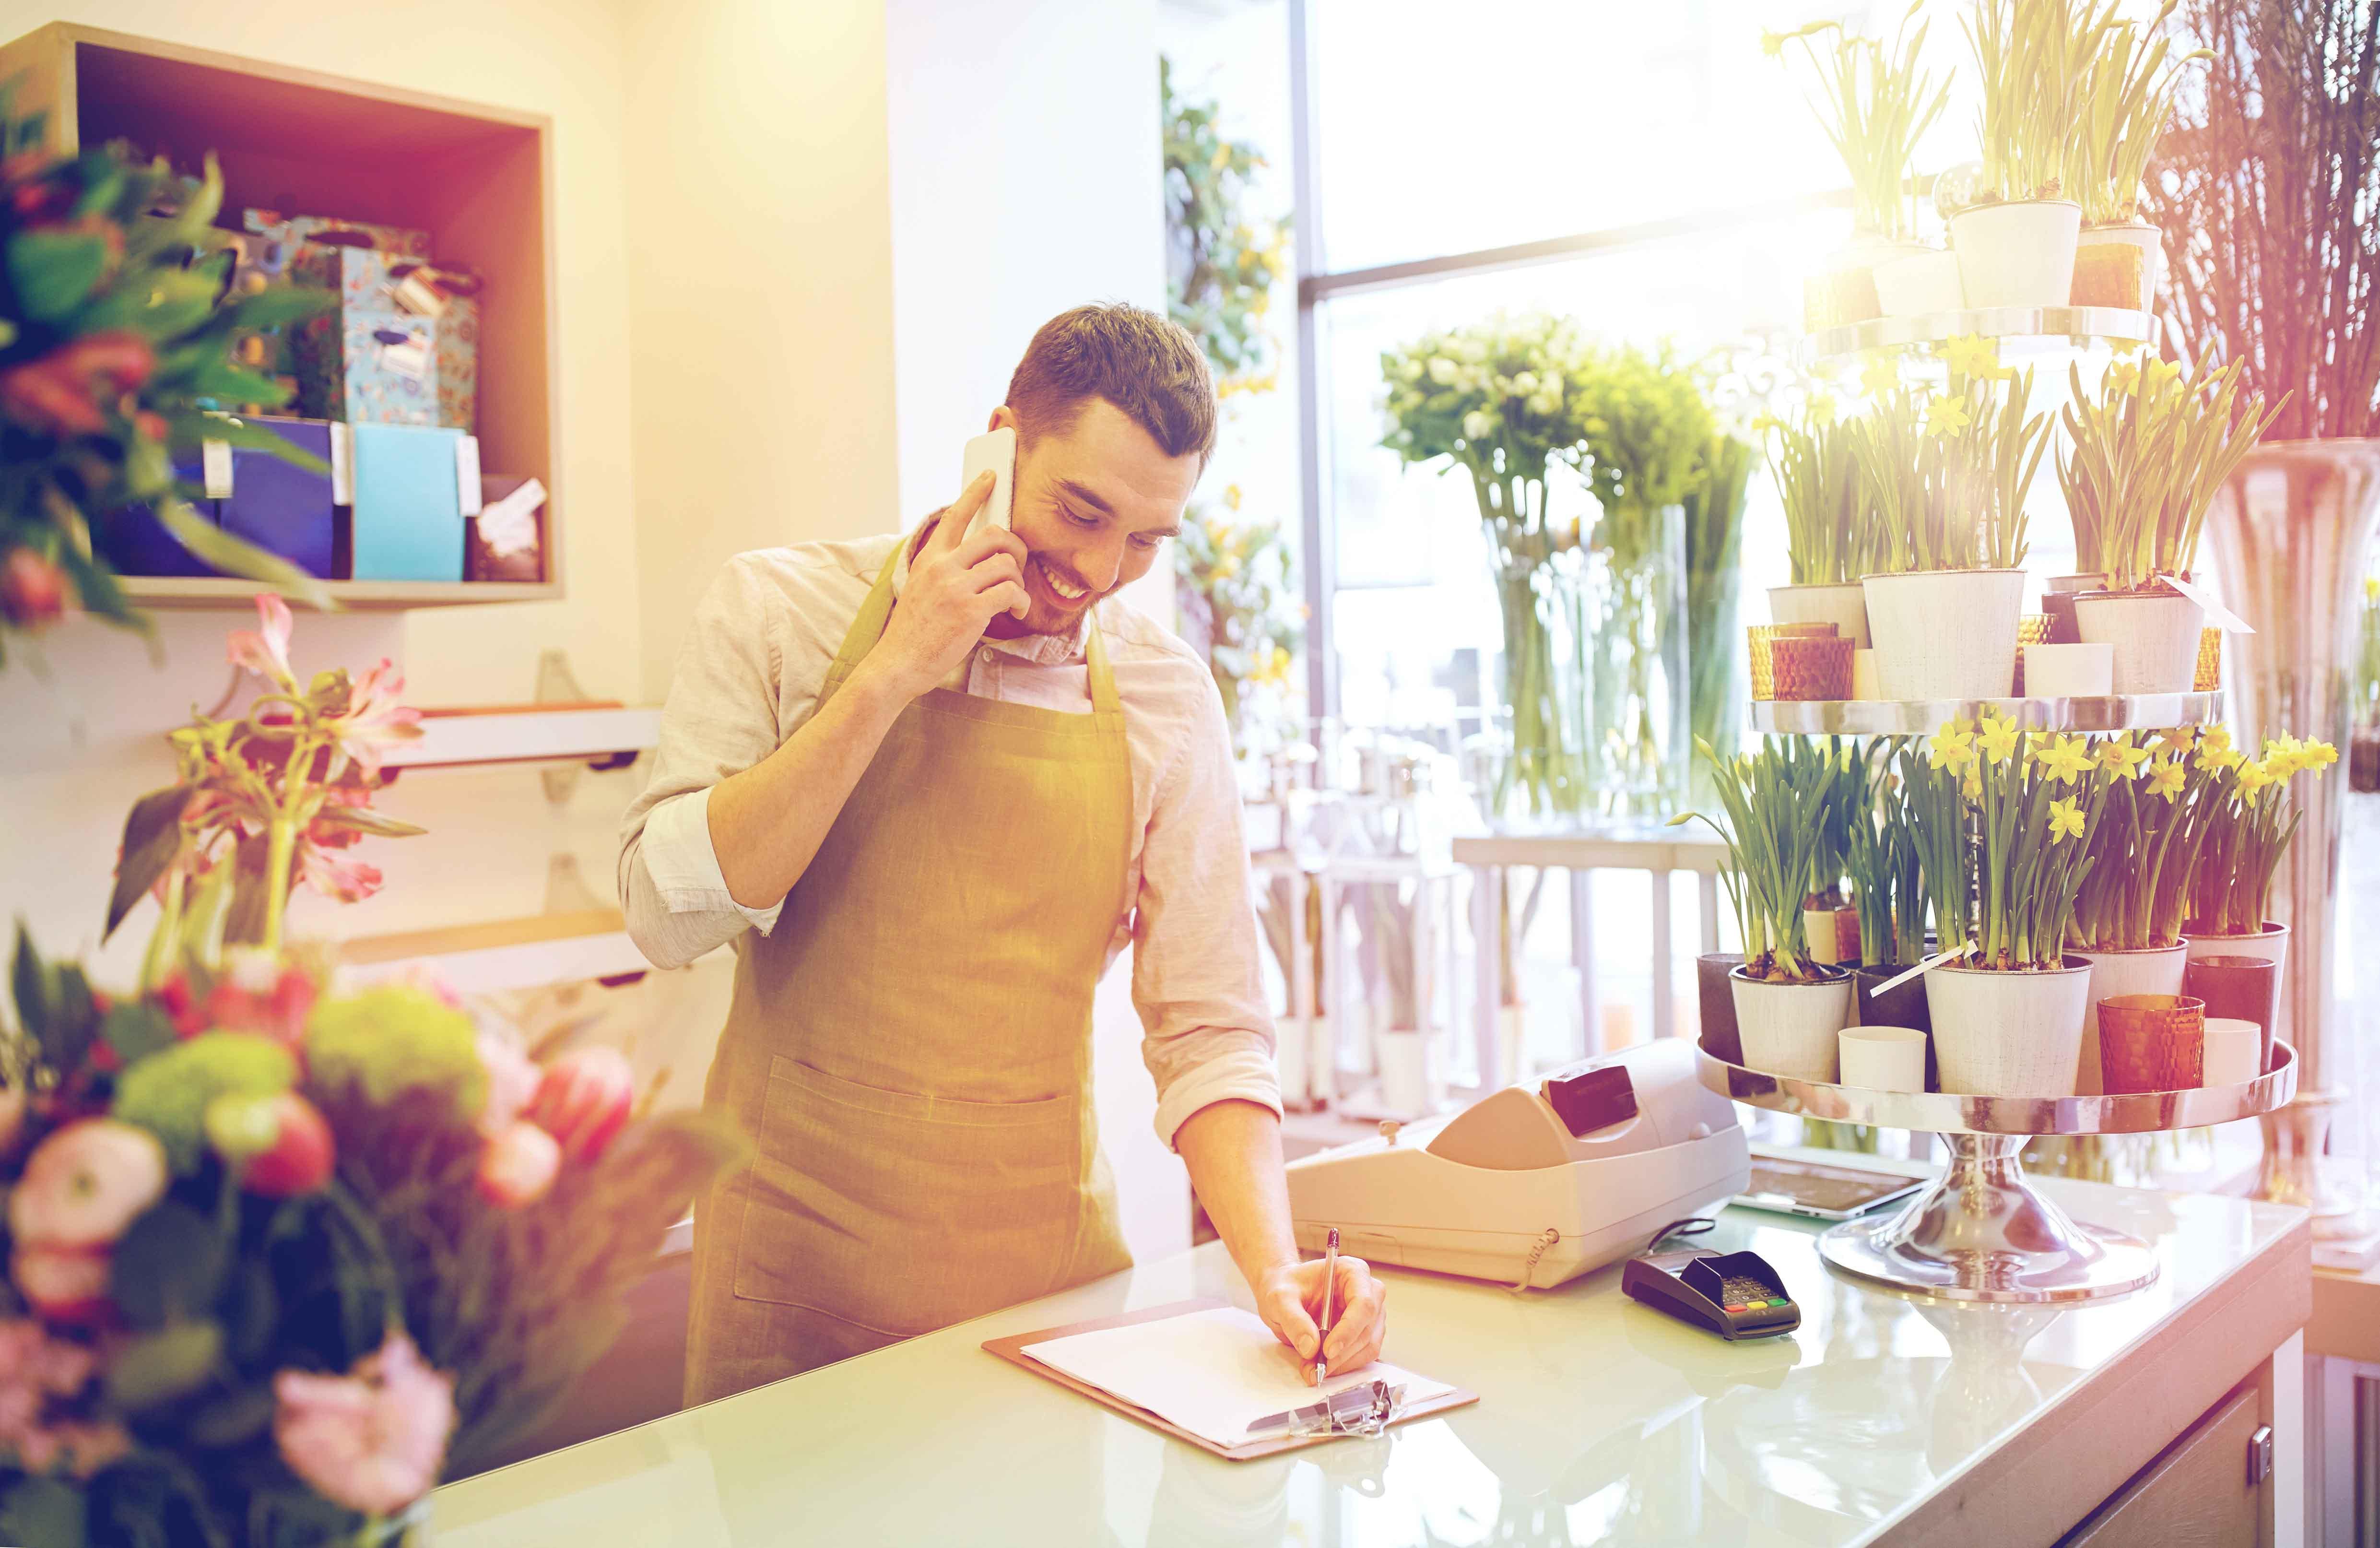 Chico dirigiendo tienda de floristería